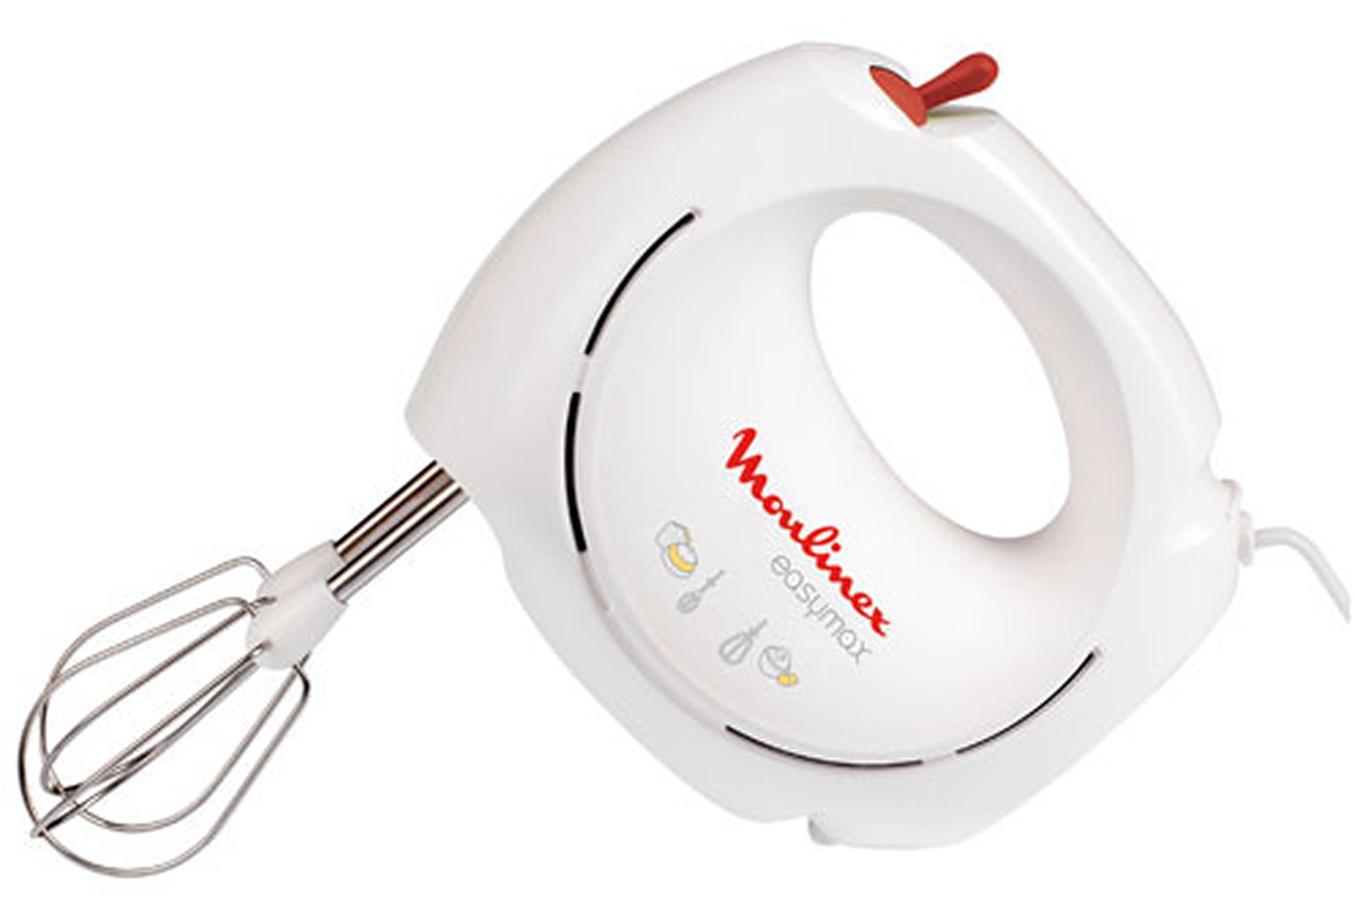 Batteur moulinex abm11a30 easy max abm11a30 easymax - Fiche rome commis de cuisine ...